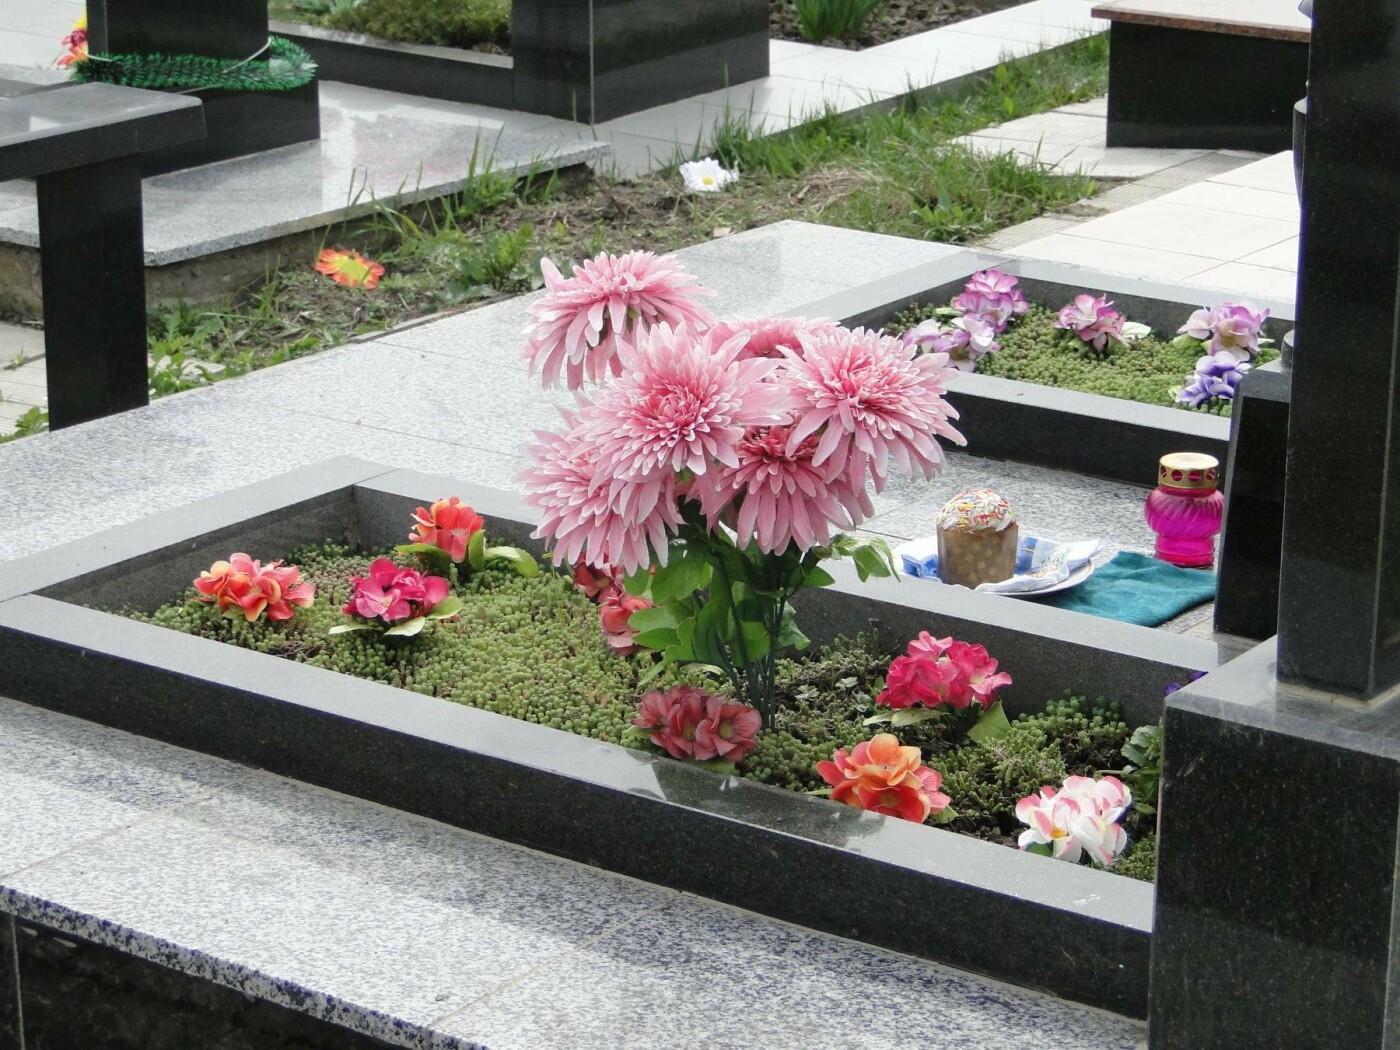 Вшанувати мертвих пам'ятаючи про живих: як виглядає хмельницьке кладовище після провідної неділі. ФОТО, фото-4